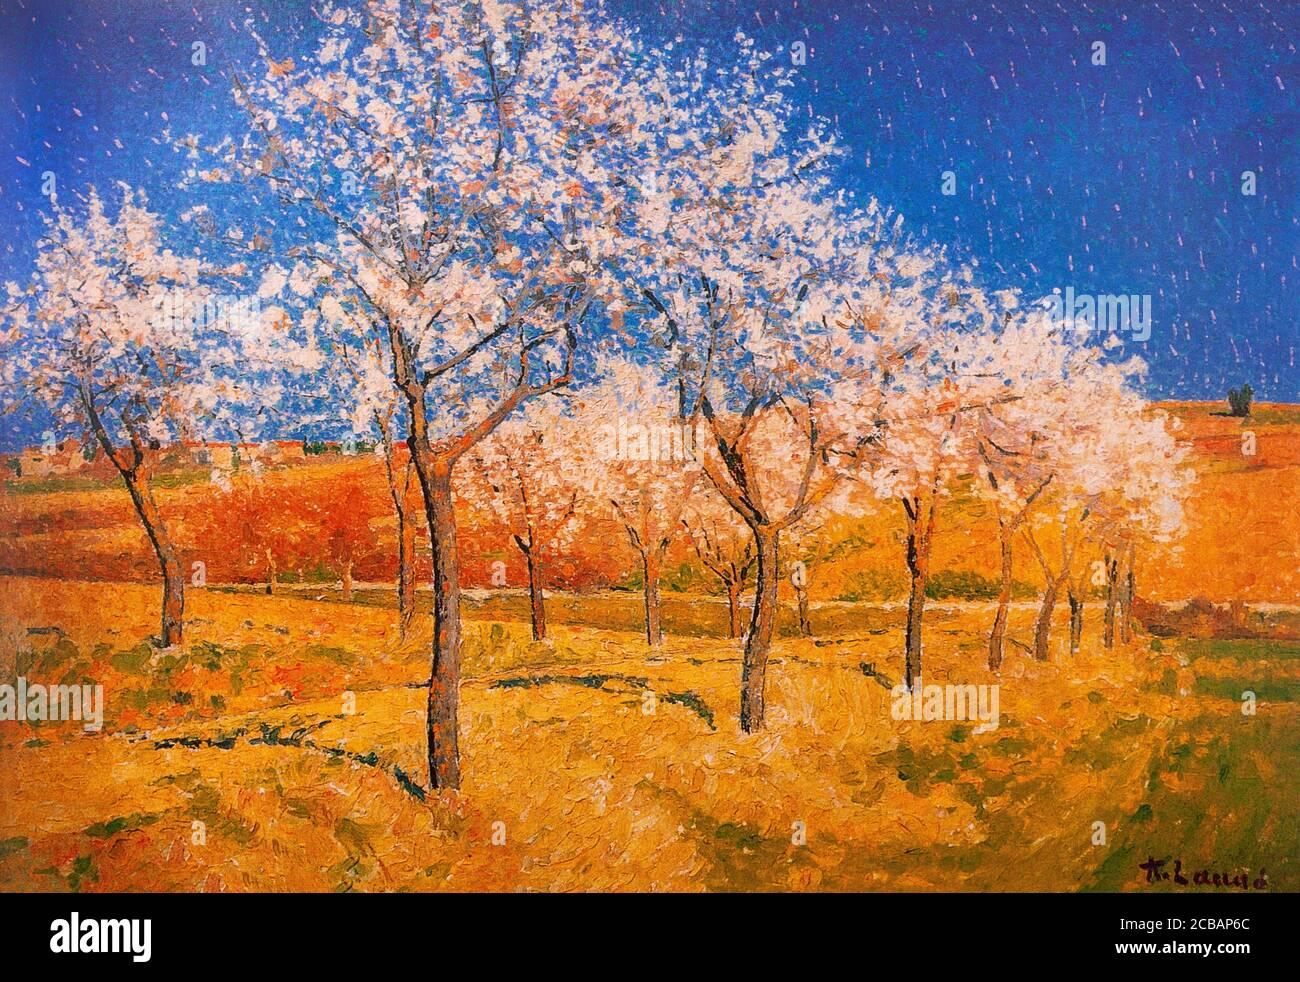 """""""Paysage Aux Arbres Fleurissants"""" oder Landschaft mit blühenden Bäumen von Achille Laugé (1861-1944), einem neoimpressionistischen Maler, geboren in der Aude Region von Frankreich in einer bescheidenen Familie, Achille Laugé war bestimmt oder eine Zukunft als Apotheker, Aber wählte die Toulouse School of Fine Arts. Beeinflusst von den französischen neoimpressionistischen Malern Georges Seurat (1859–1891), Paul Signac (1863–1935) und Camille Pissarro (1831–1903), nahm Laugé Elemente ihres Stils an, ohne sich mit Seurats strenger und wissenschaftlicher Methode zu verbinden. Stockfoto"""